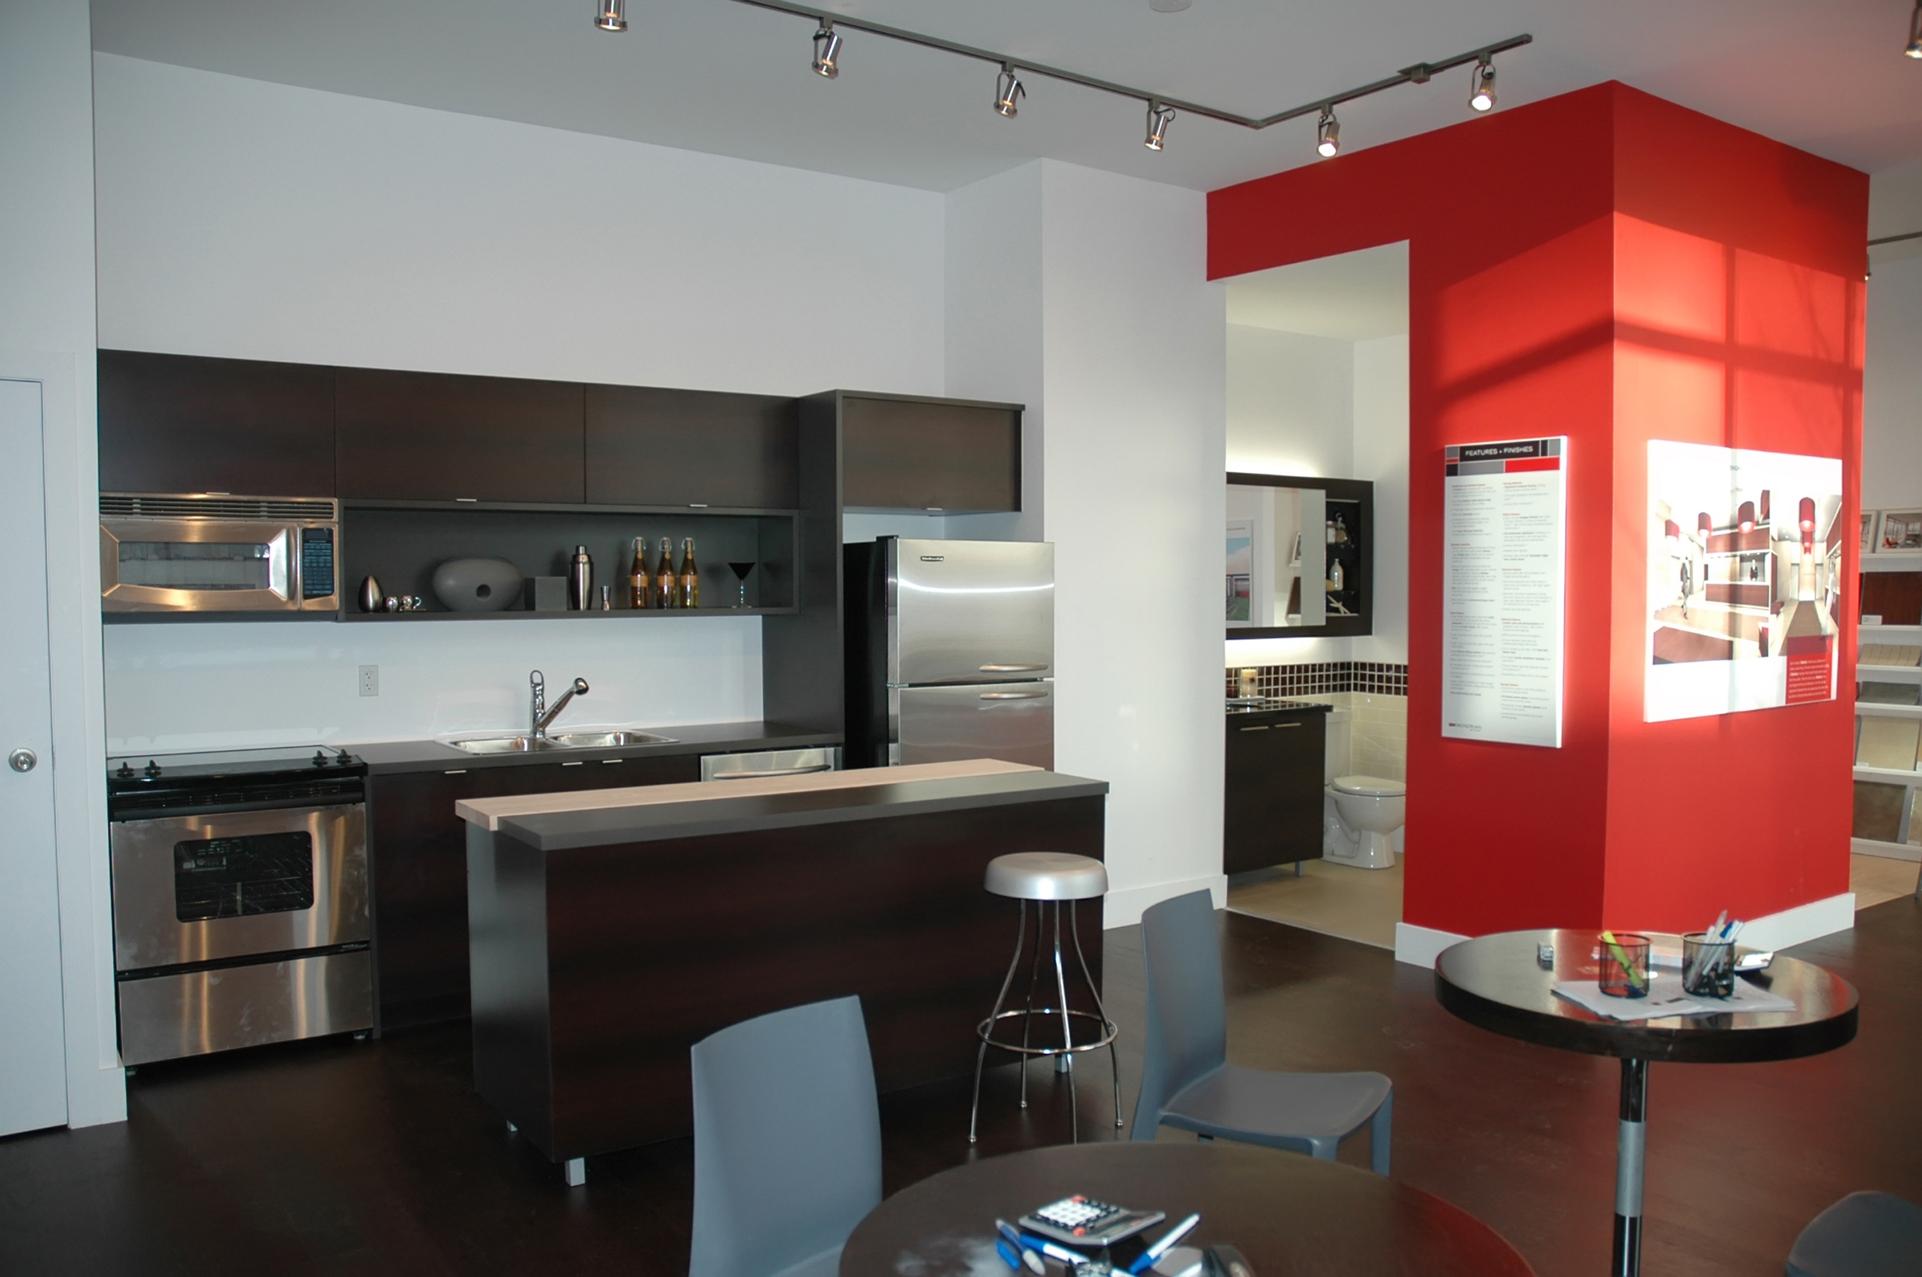 mondrian interior 1.jpg